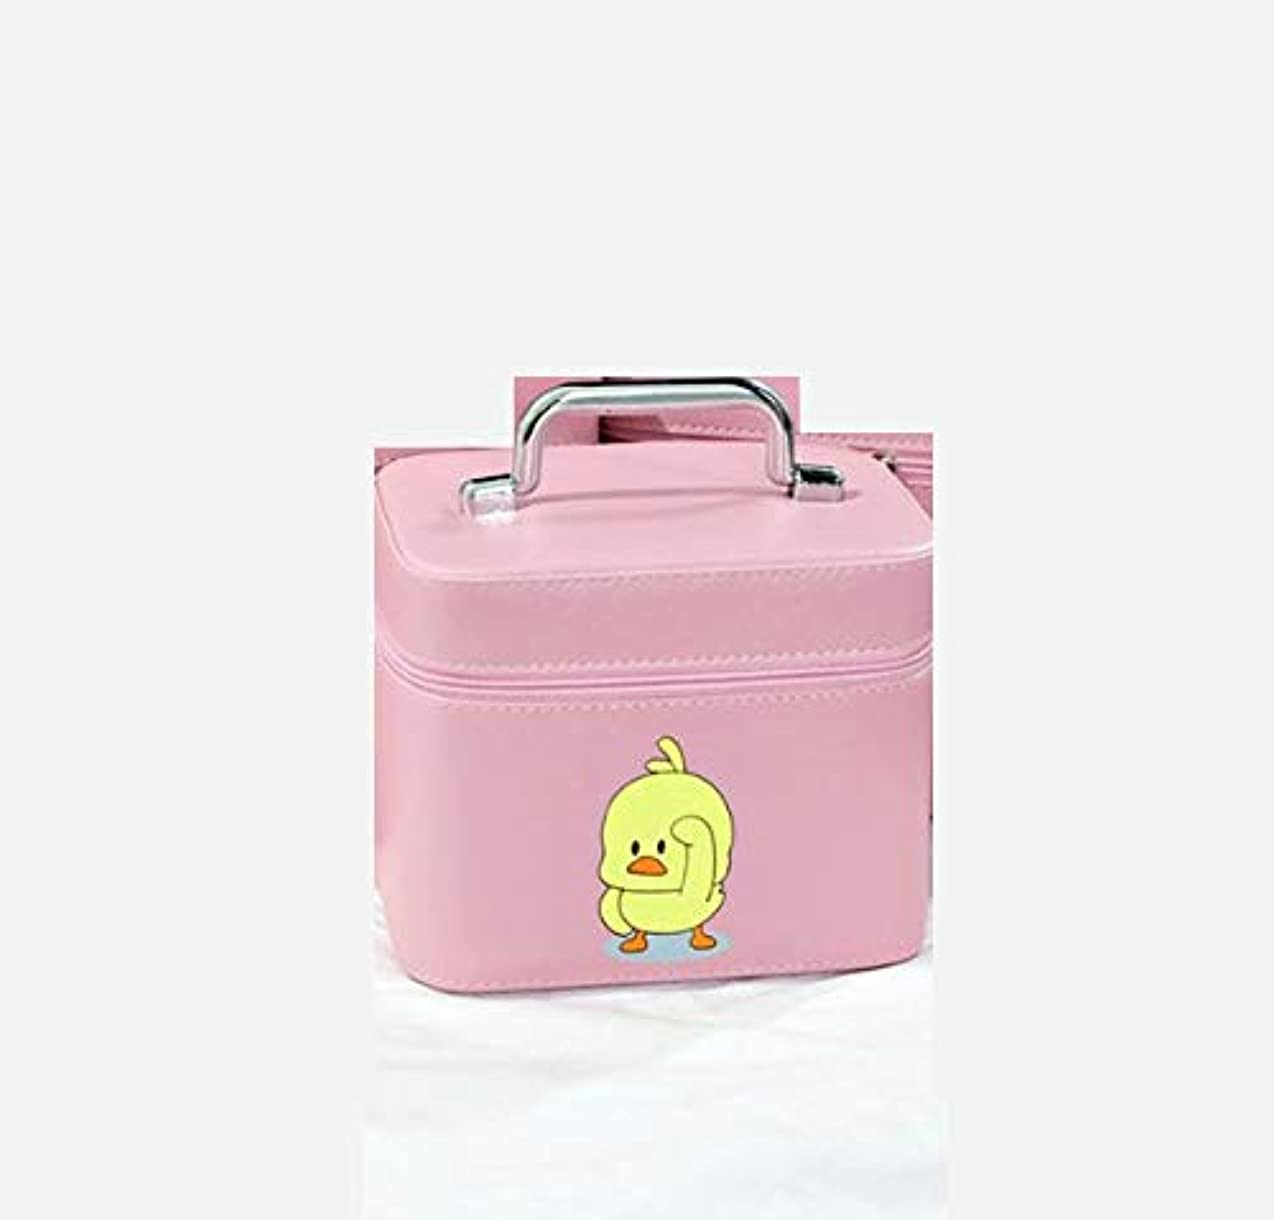 送料一人でできる化粧箱、大容量漫画アヒル化粧品ケース、ポータブル旅行化粧品ケース、美容ネイルジュエリー収納ボックス (Size : M)